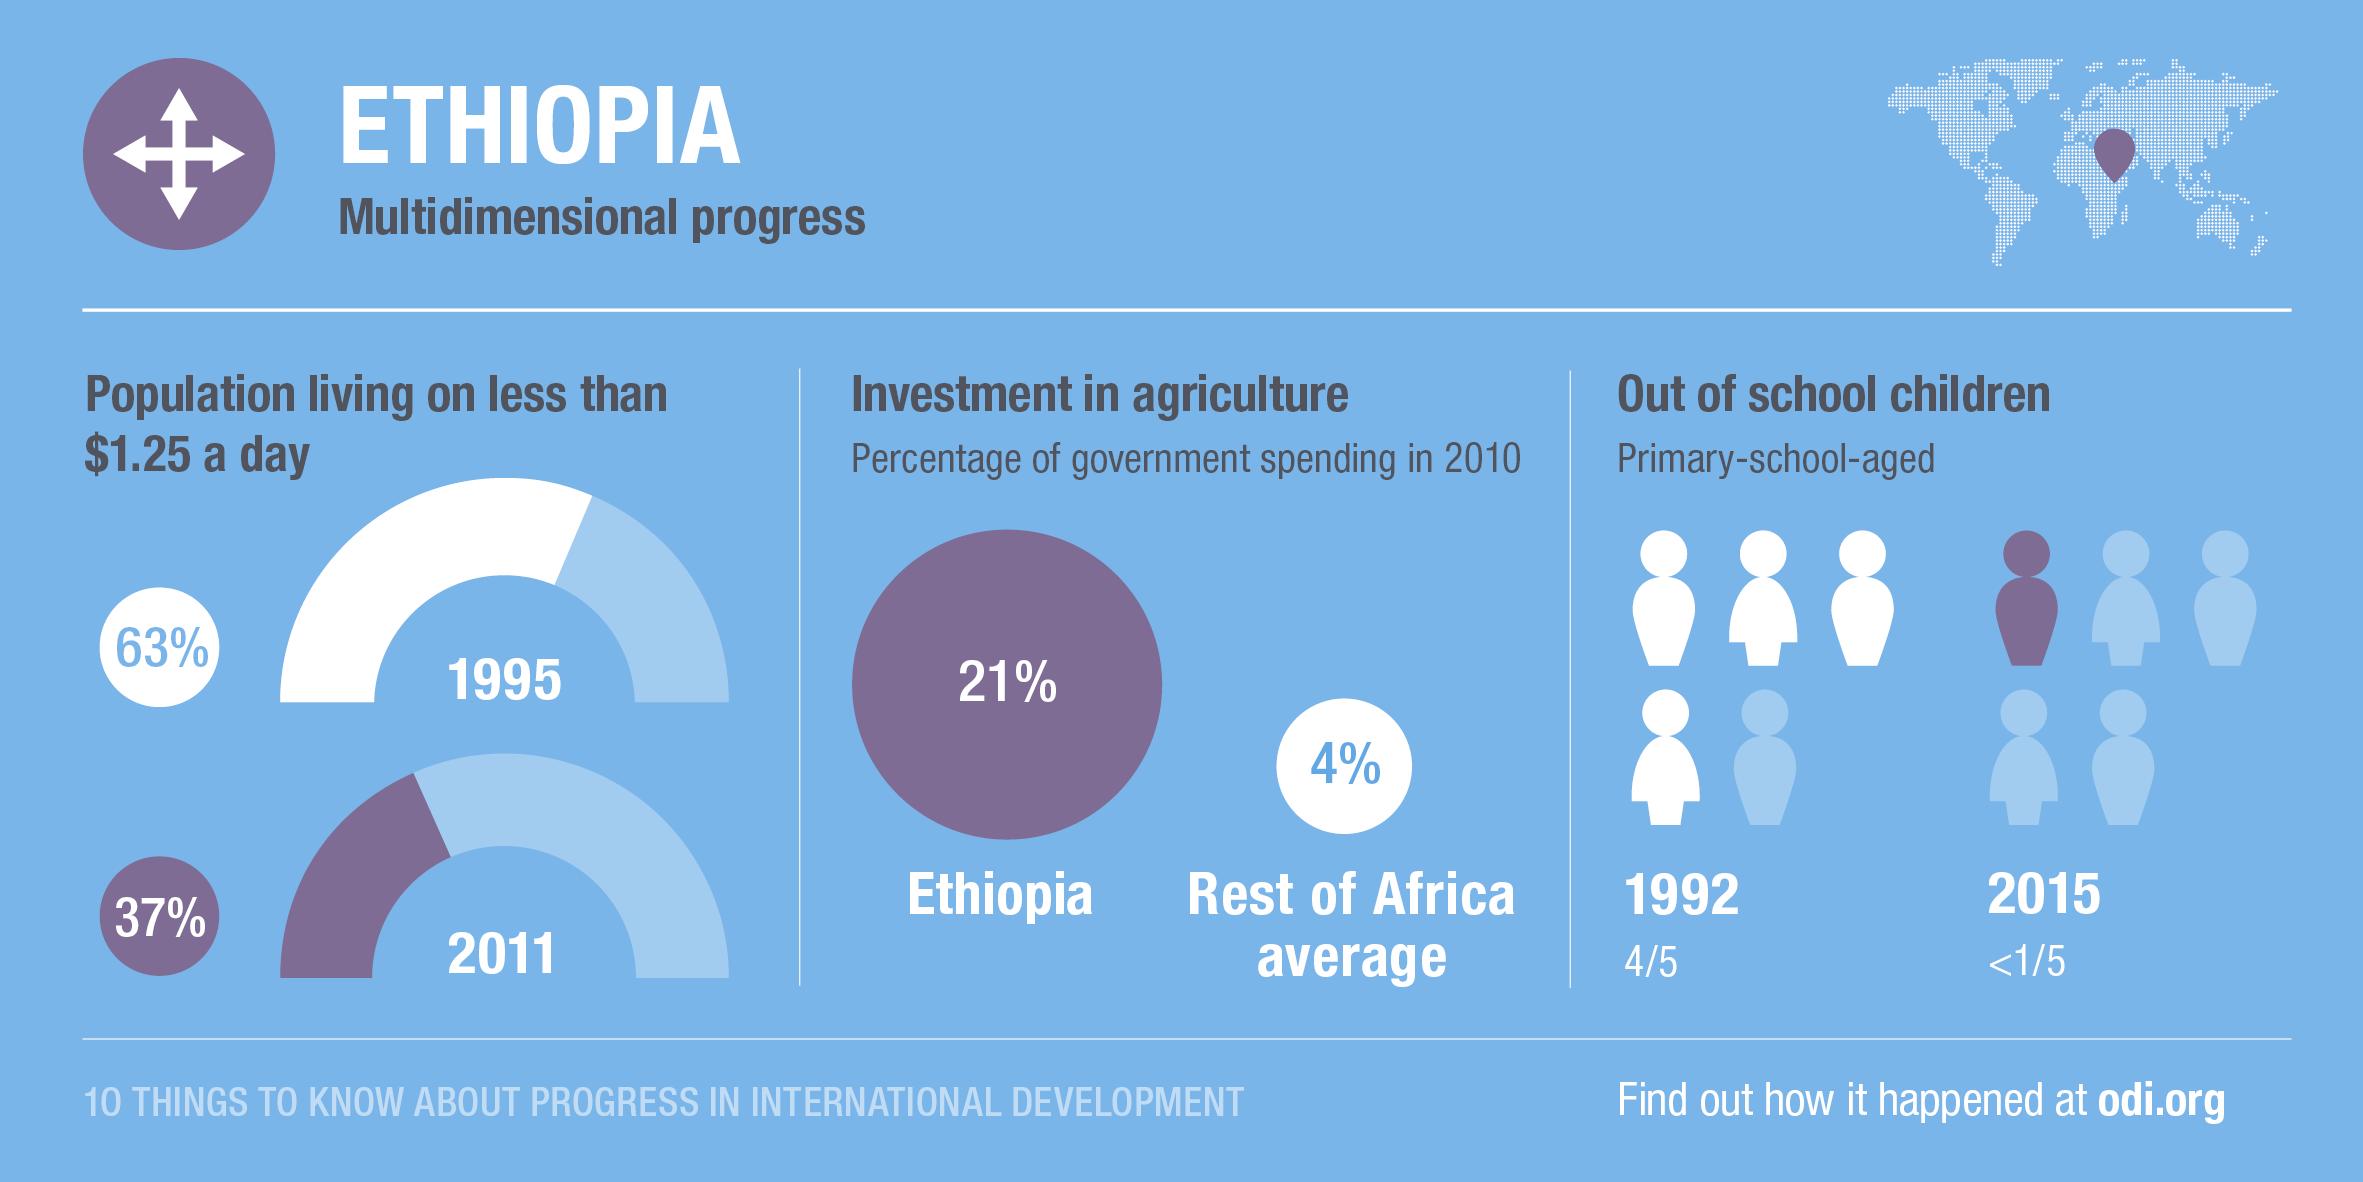 Ethiopia's progress across dimensions